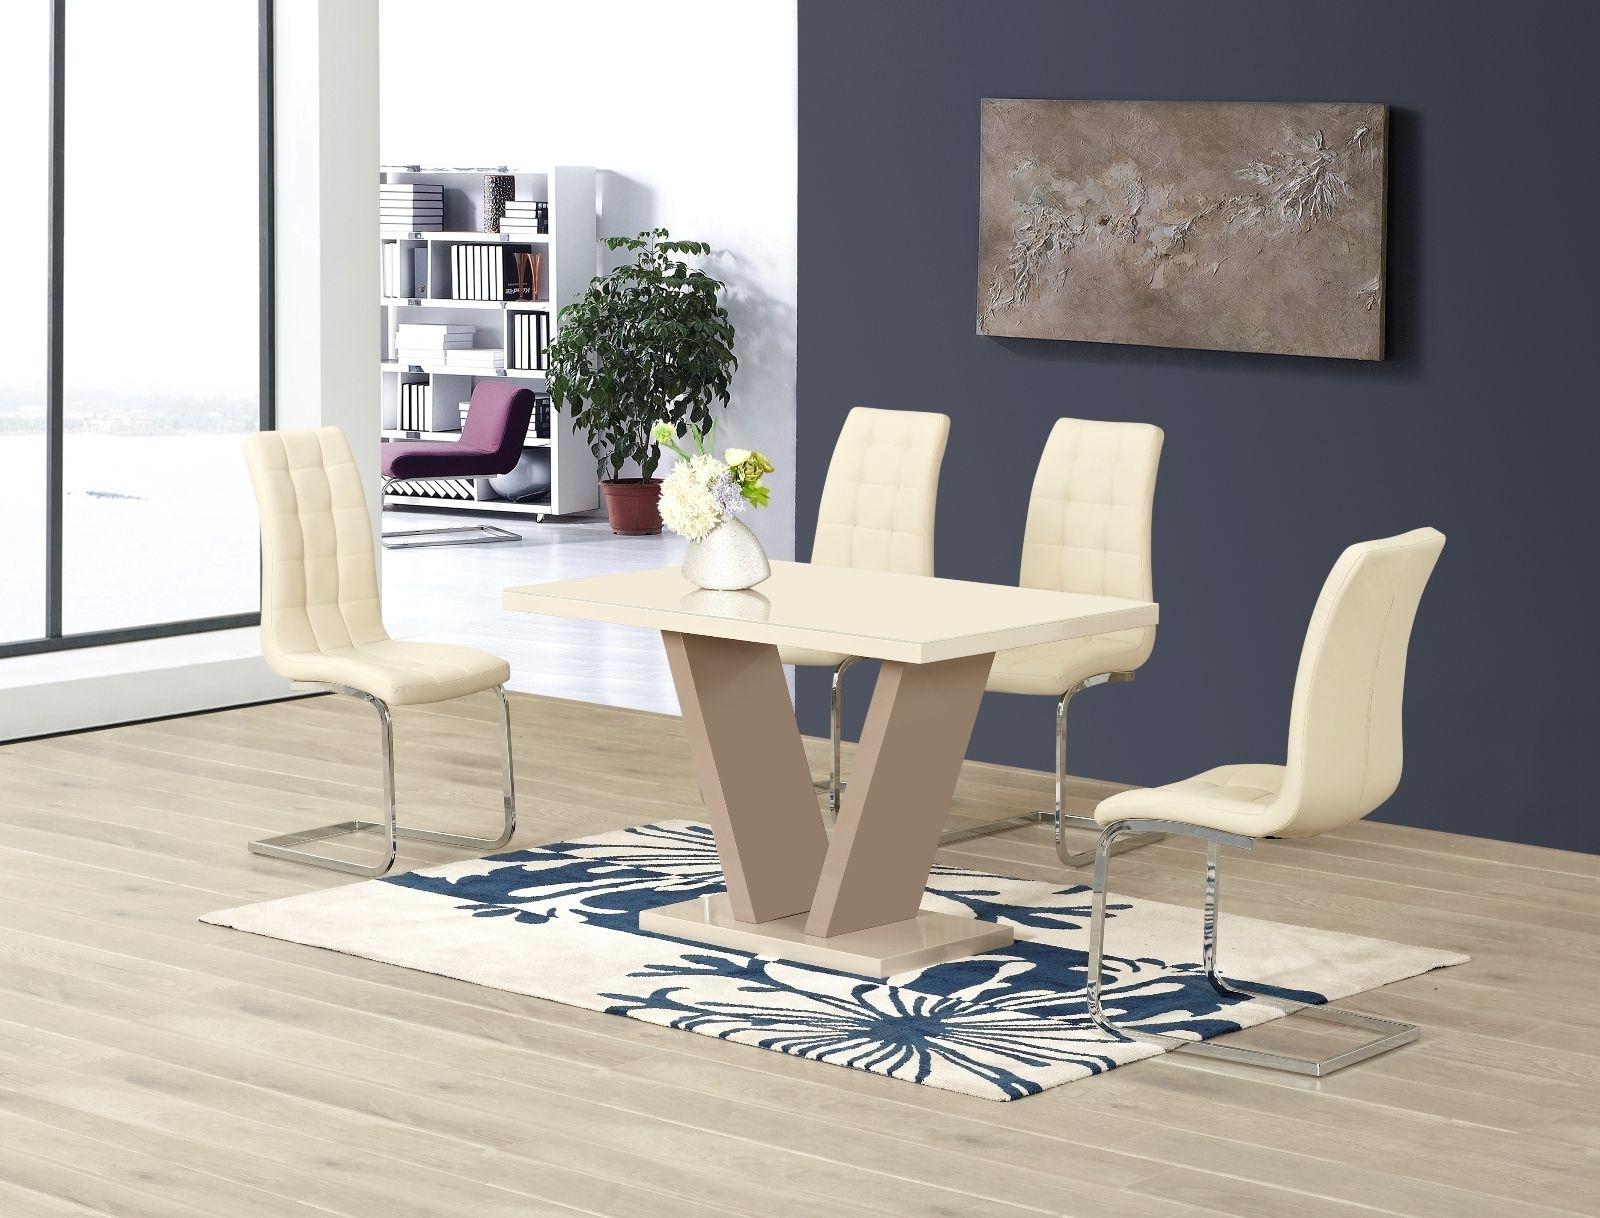 White Gloss Dining Tables 120Cm Inside Favorite Ga Vico Cream Gloss Designer 120 Cm Dining Set & 4 Araceli Or Sicily (View 23 of 25)